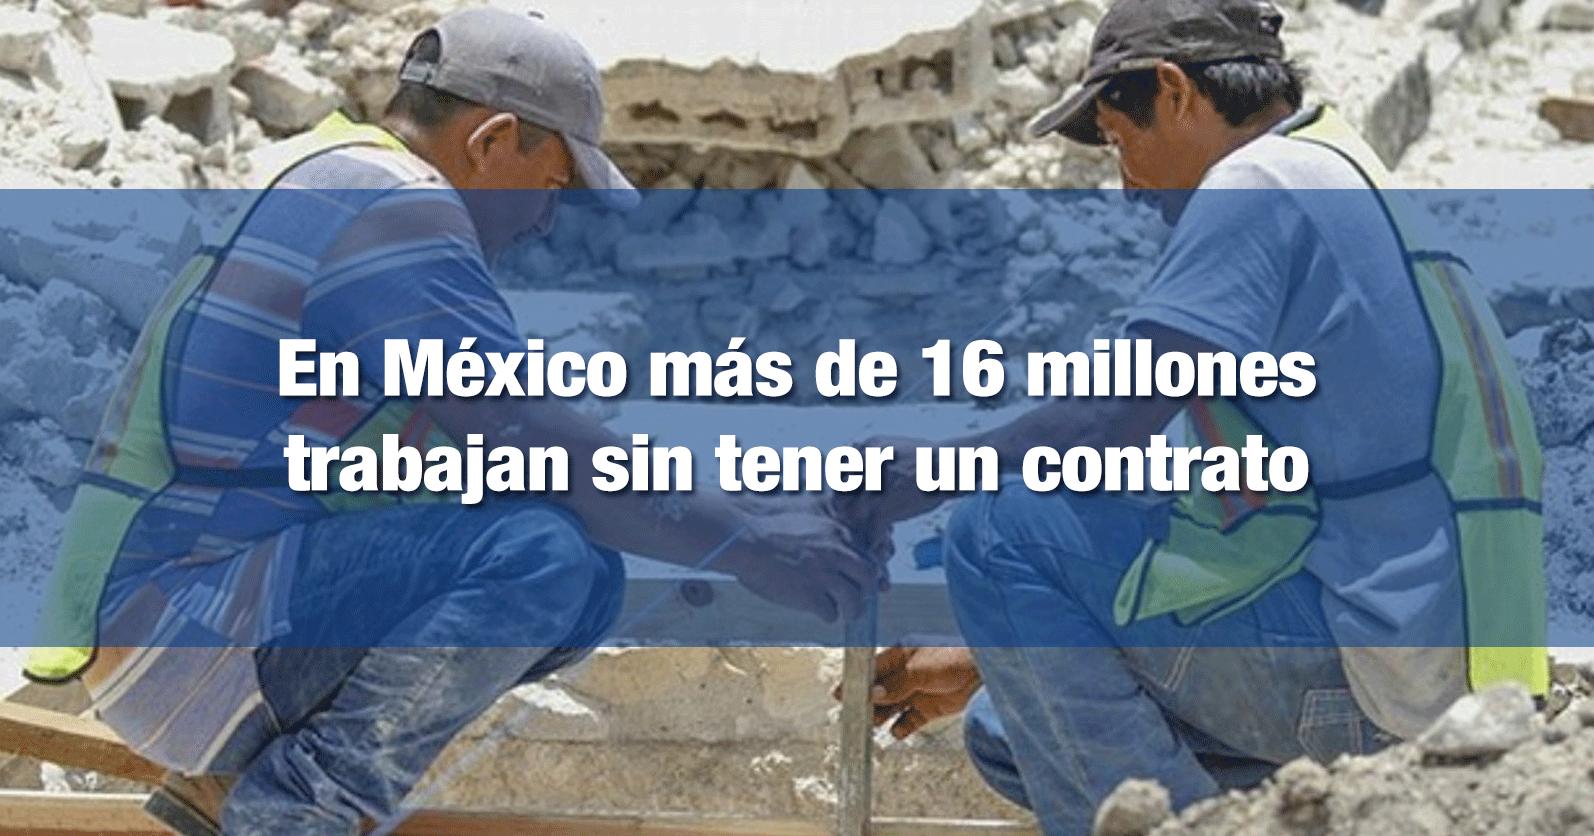 En México más de 16 millones trabajan sin tener un contrato